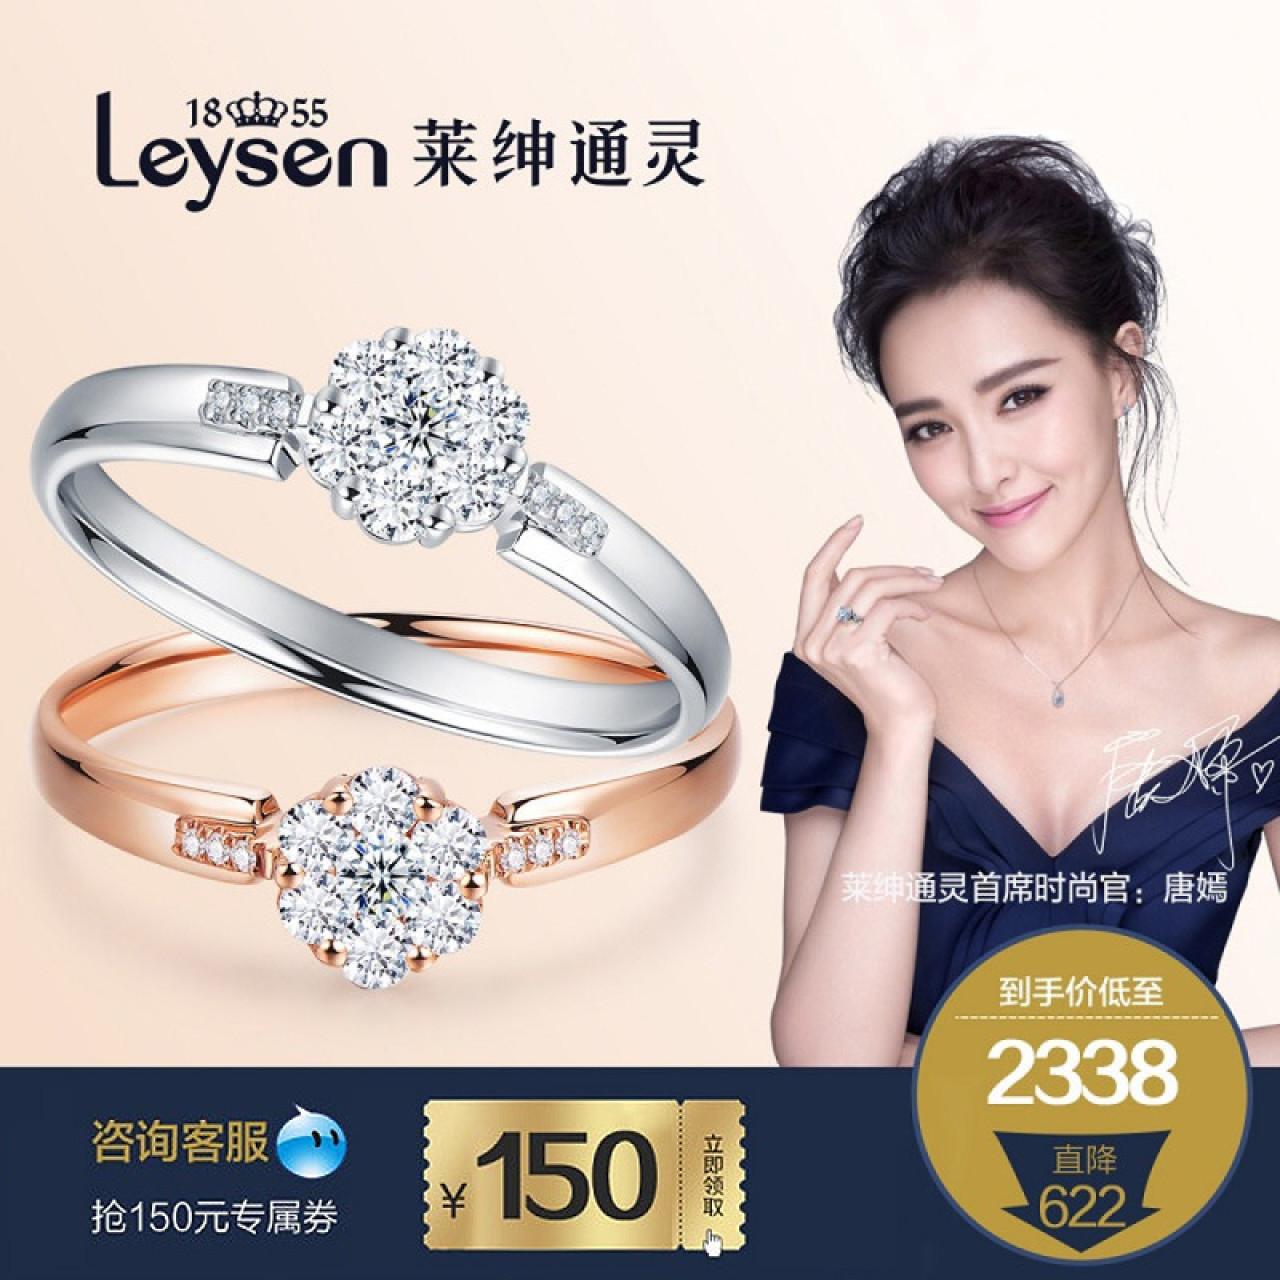 Сорняки дворянство через дух ювелирные изделия бриллиантовое кольцо 18K золото выйти замуж алмаз кольцо подлинная женщина модель предлагать порядок брак бриллианты изумруд моллюск карта